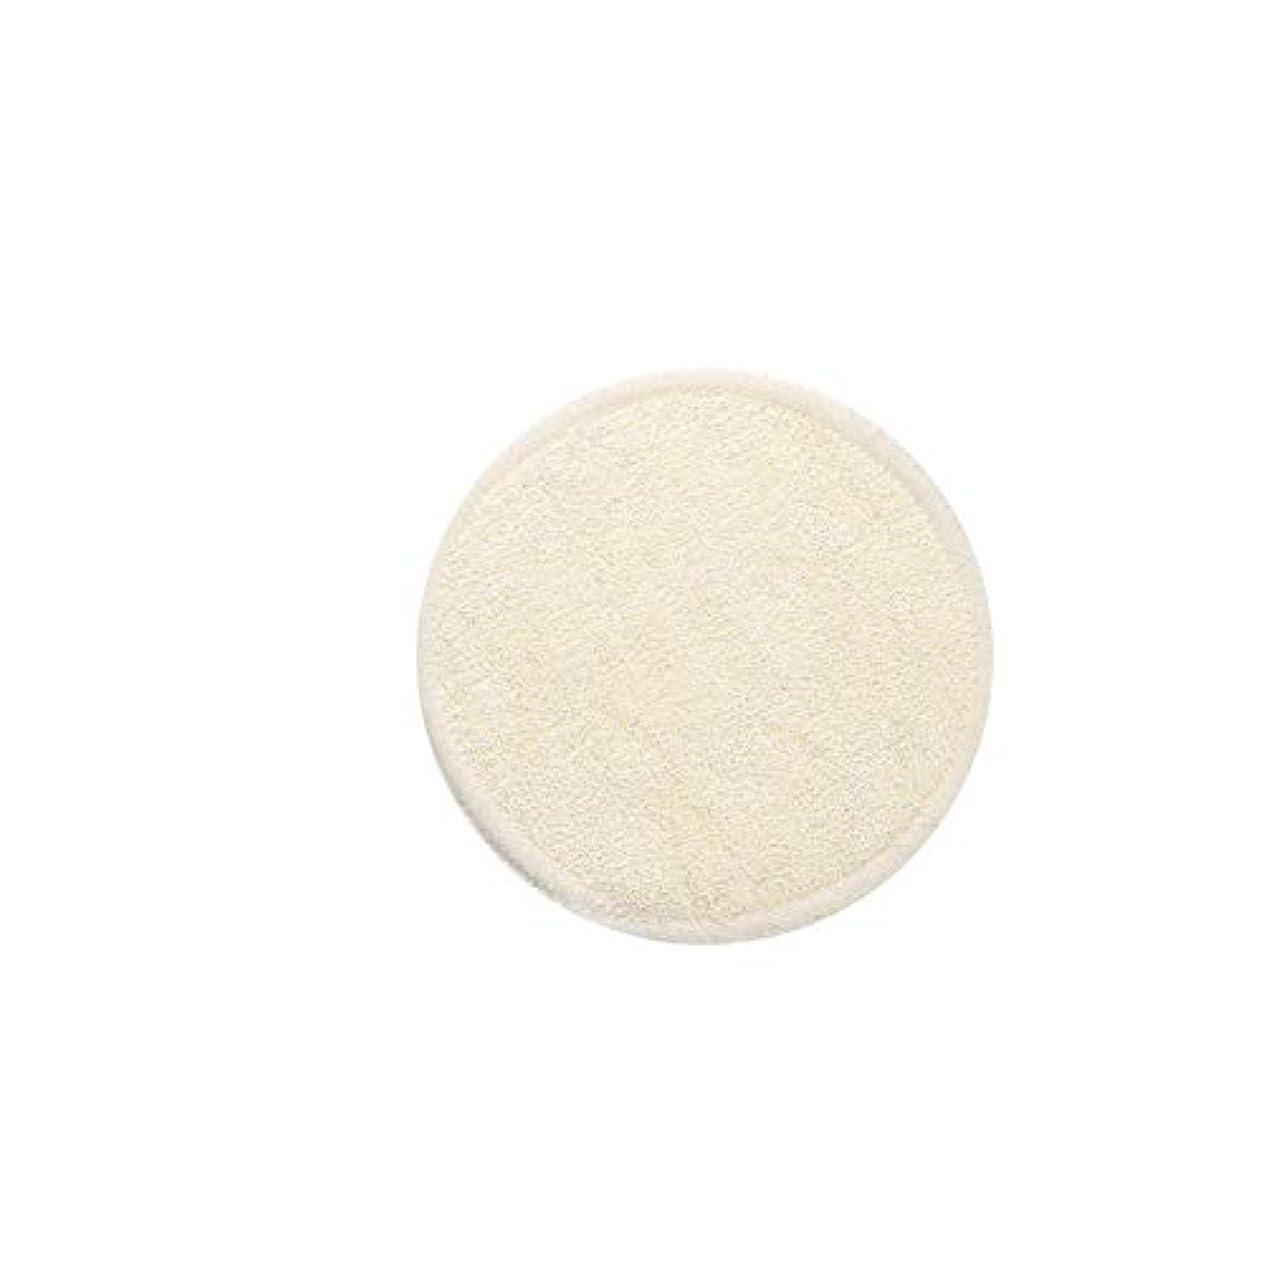 横たわるほとんどの場合農場コットンシート除去白色ユビキタスオーガニックコットン綿再利用可能なワイピング面を意味10綿竹